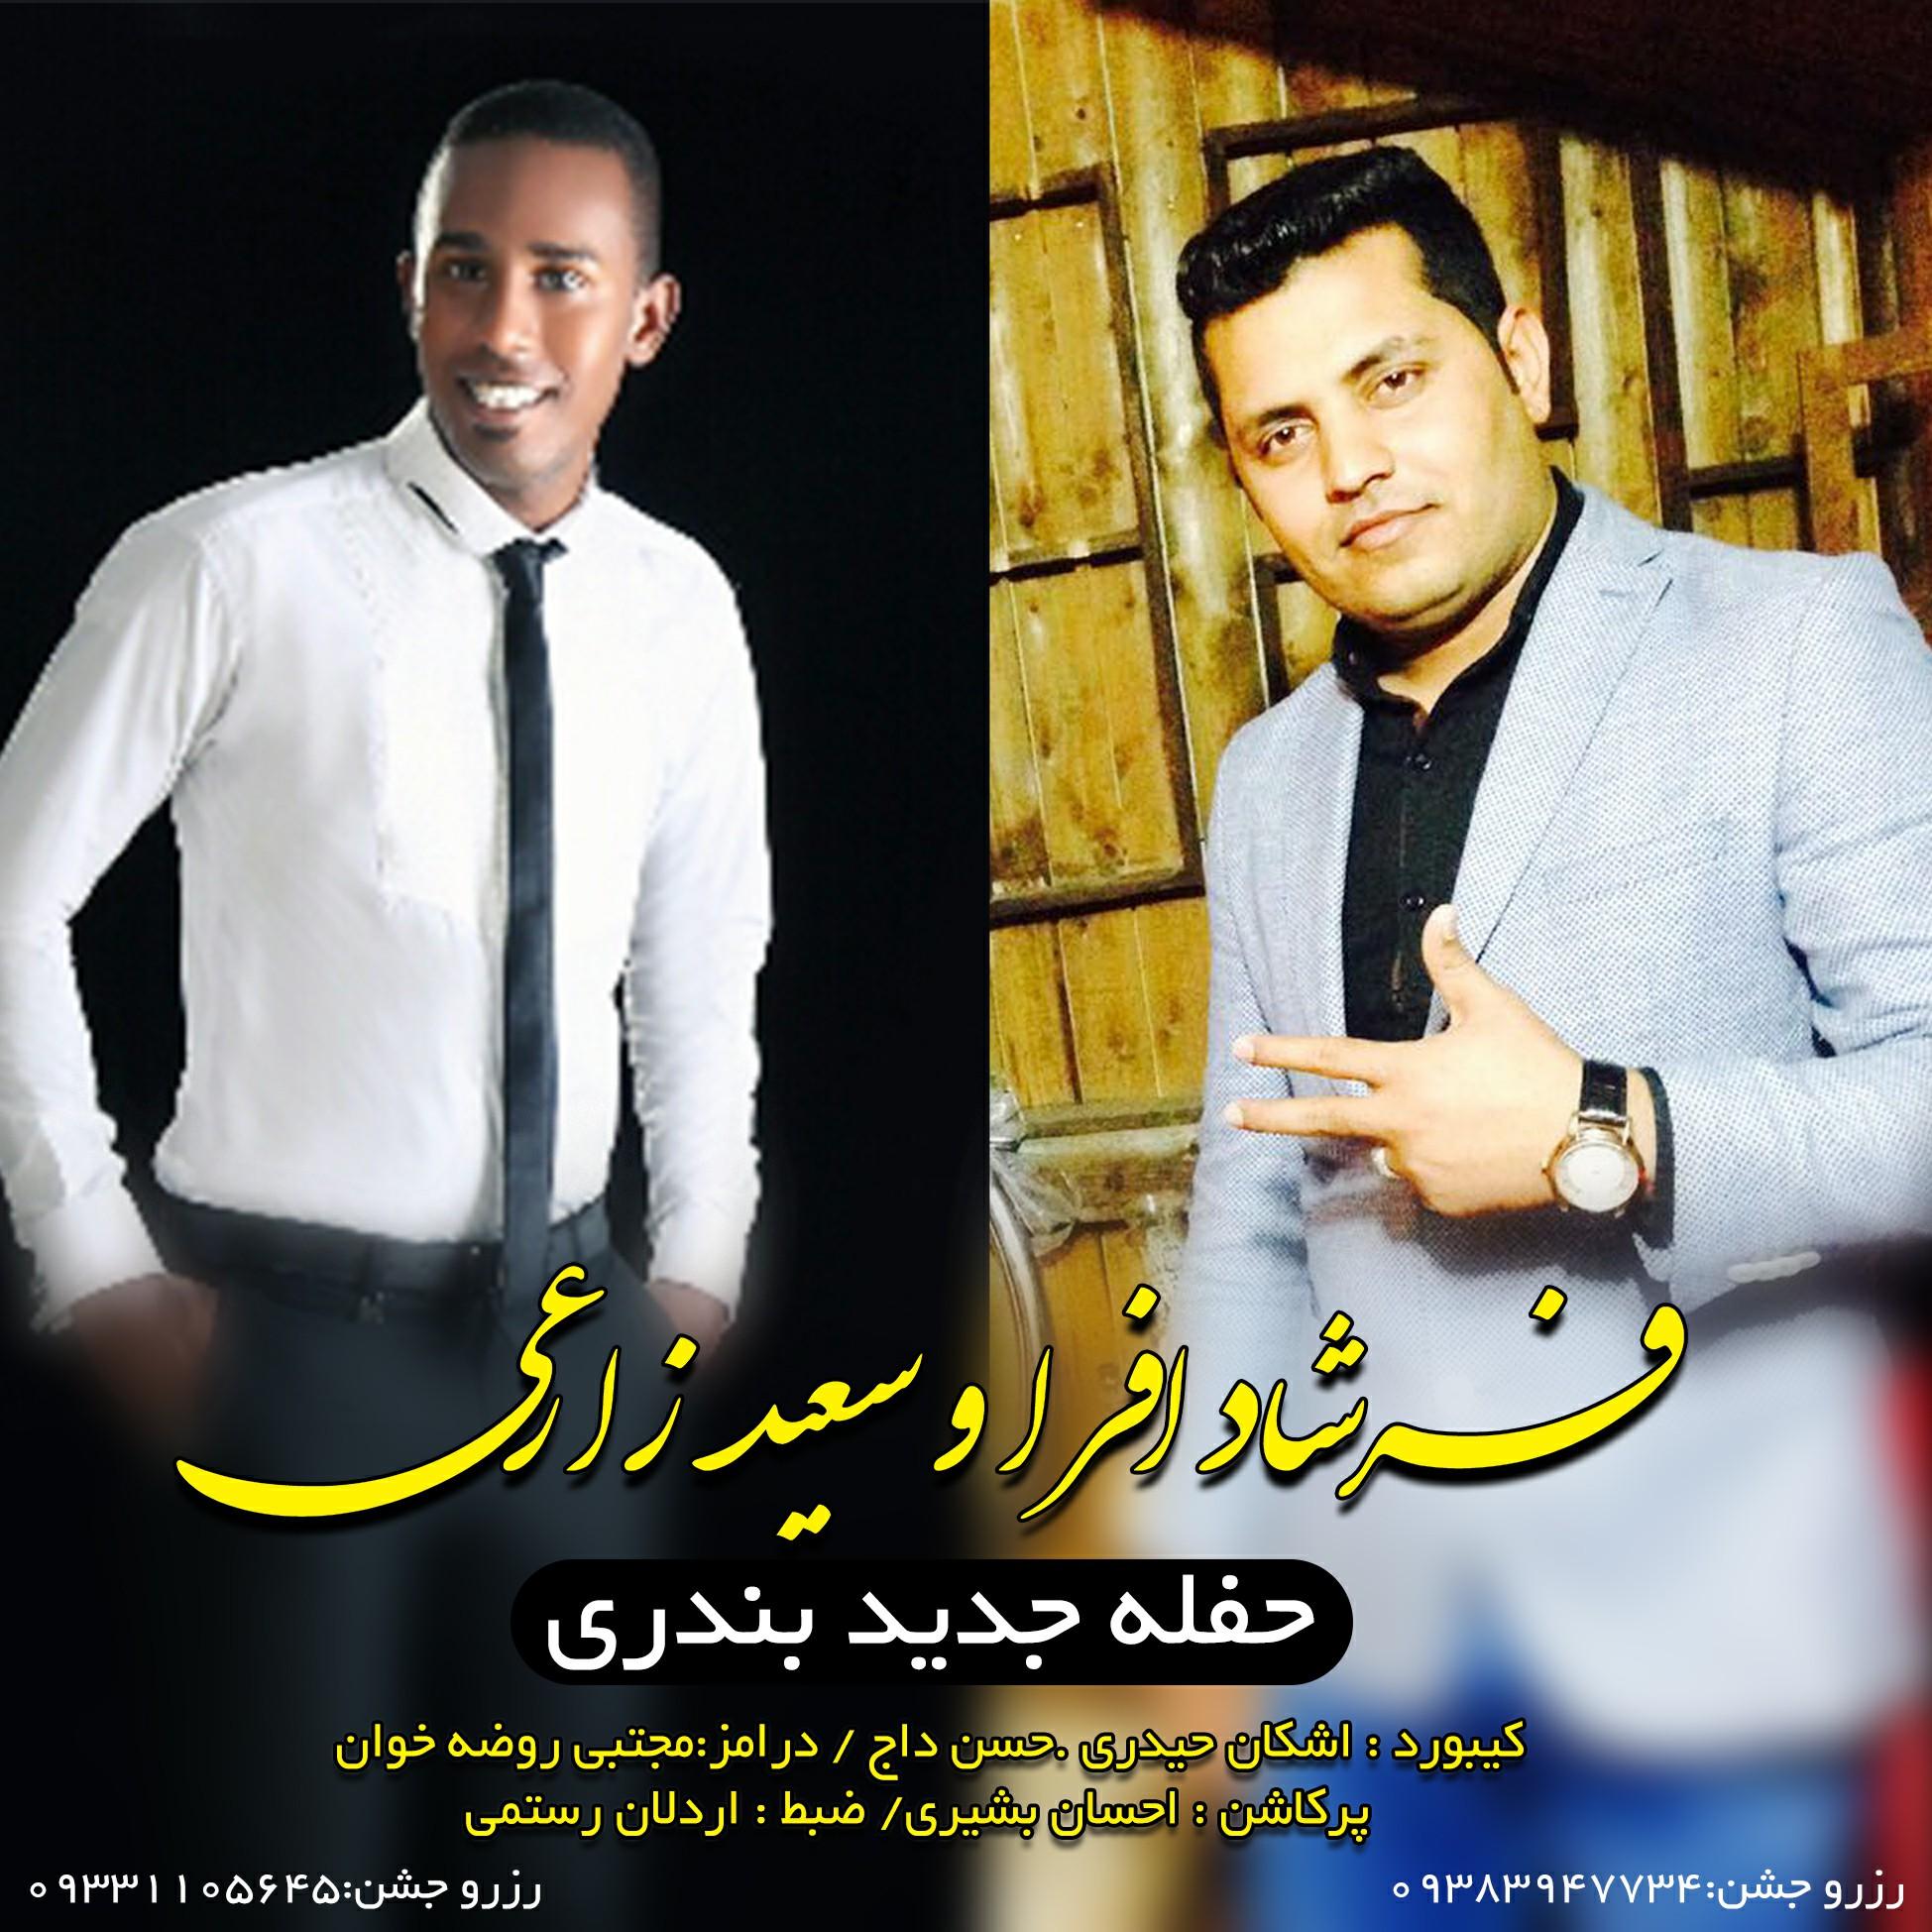 سعید زارعی و فرشاد افرا آهنگ جدید اجرای زنده و بسیار زیبا بصورت حفله